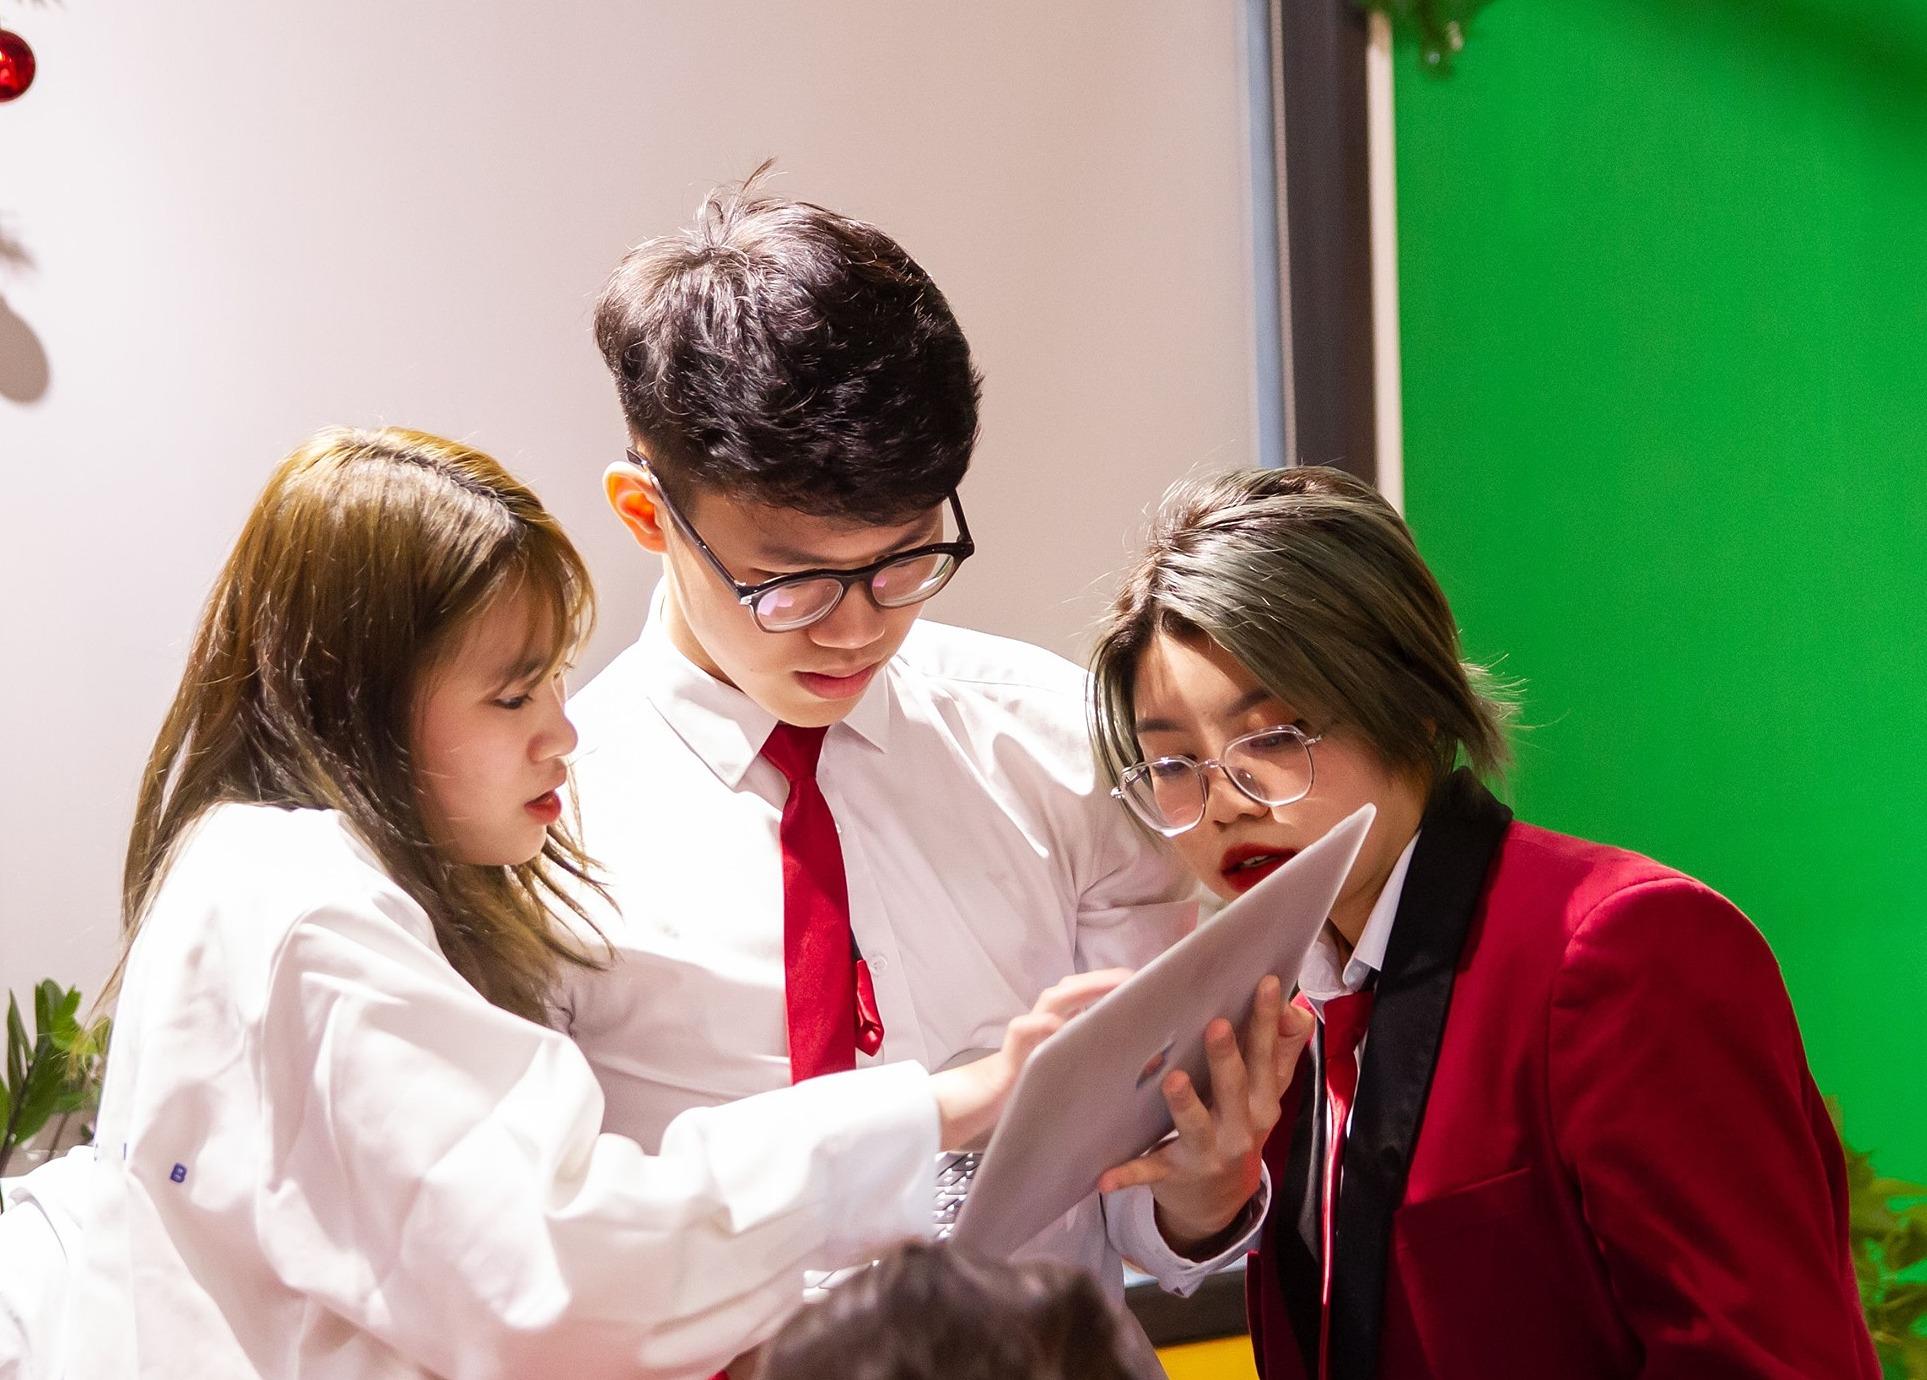 Để tranh biện tốt, đòi hỏi học sinh phải trang bị kiến thức, tìm hiểu, xây dựng kỹ năng làm việc nhóm. Ảnh: Little Australia.